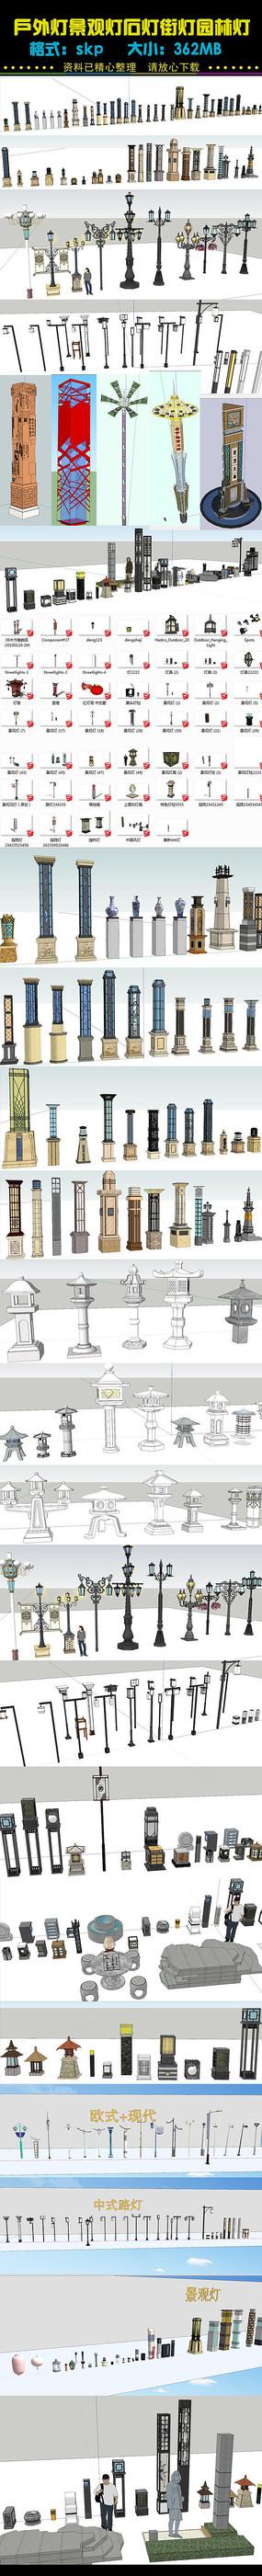 SU景观灯具